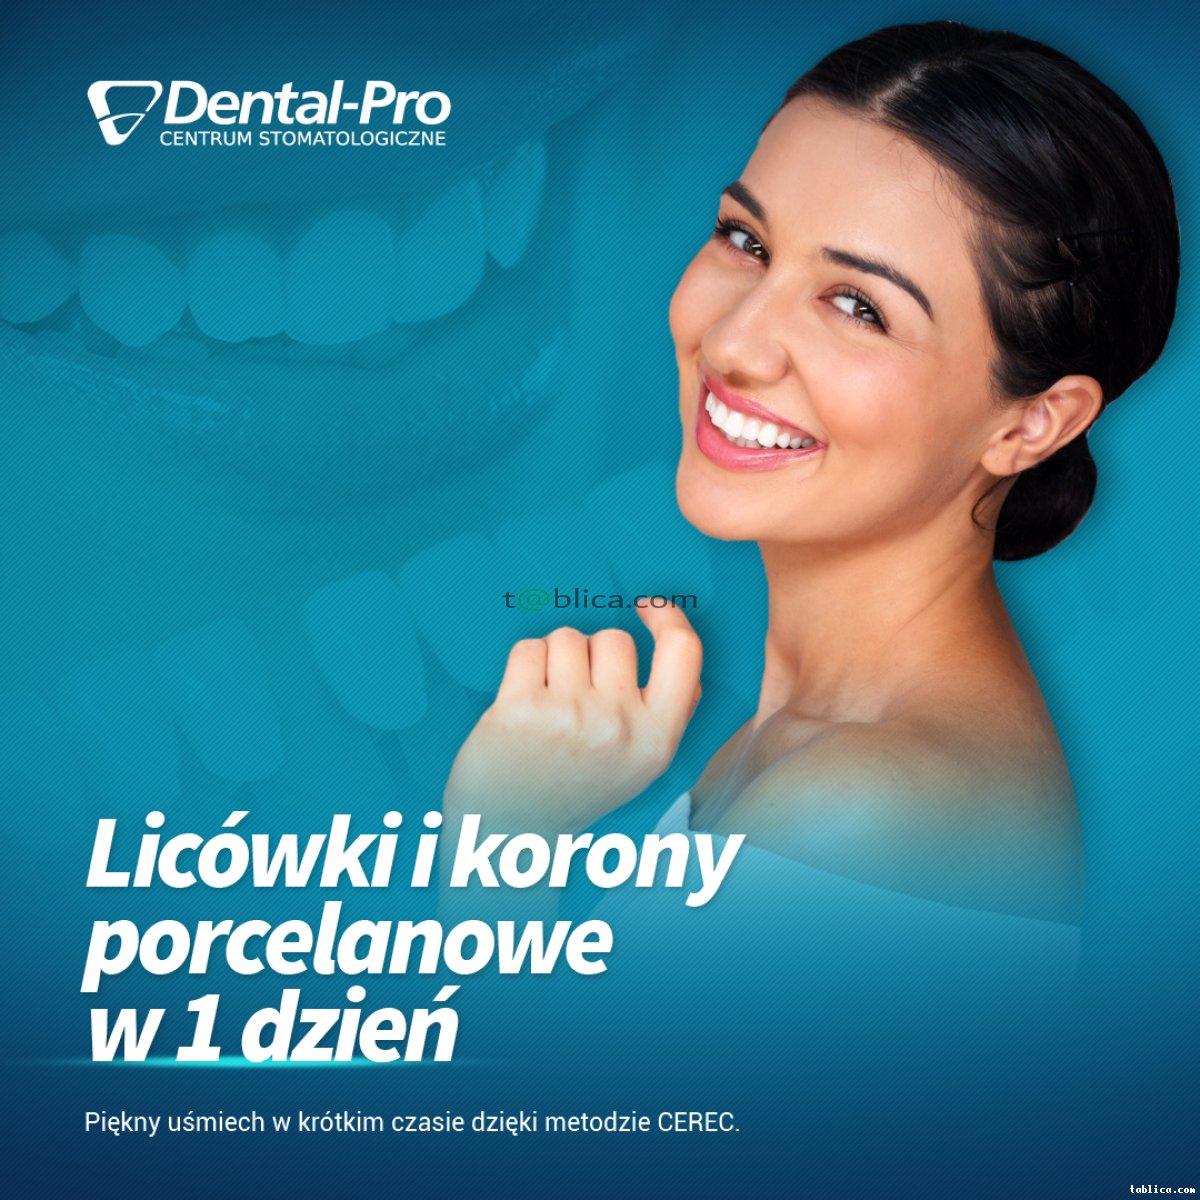 Dental-Pro Gdańsk Ujeścisko